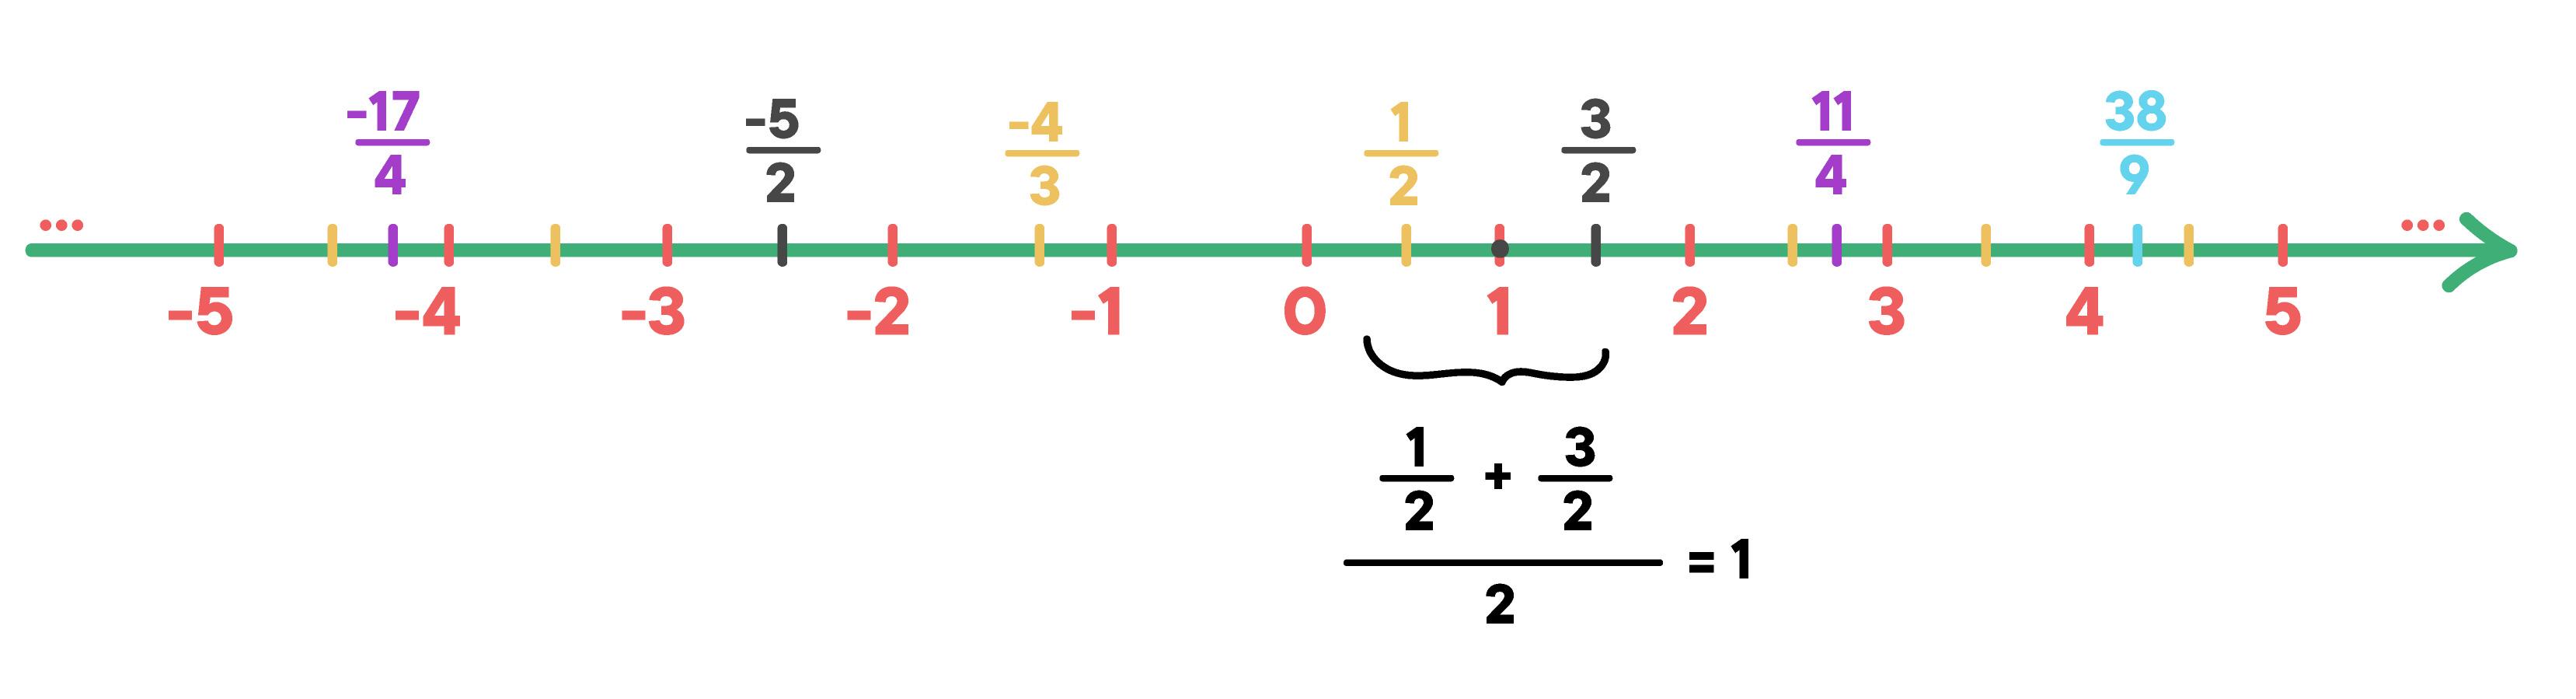 reta com uma série de números racionais onde a média aritmética entre termos vizinhos gera um termo central